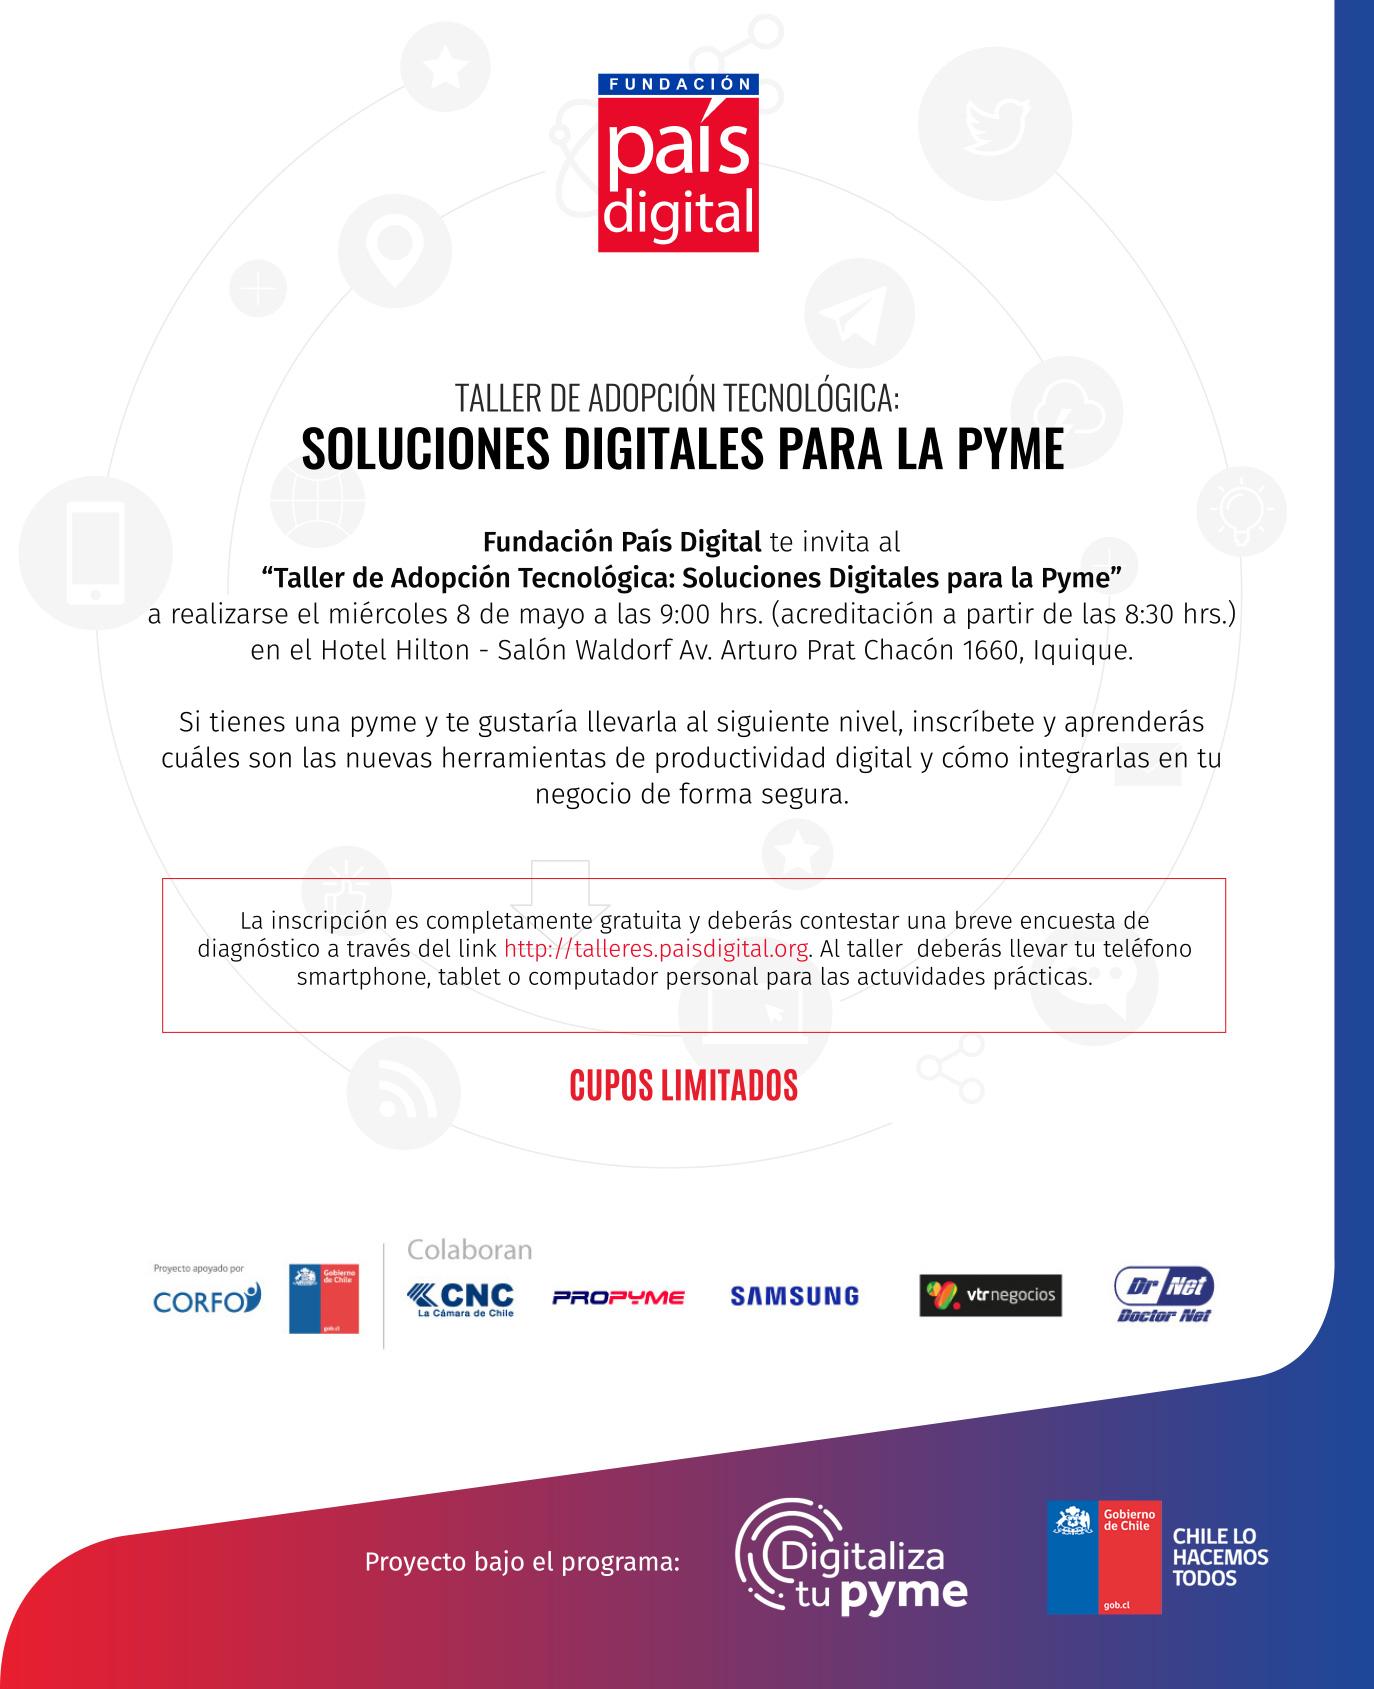 Taller de adopción tecnológica: Soluciones digitales para pymes – Iquique